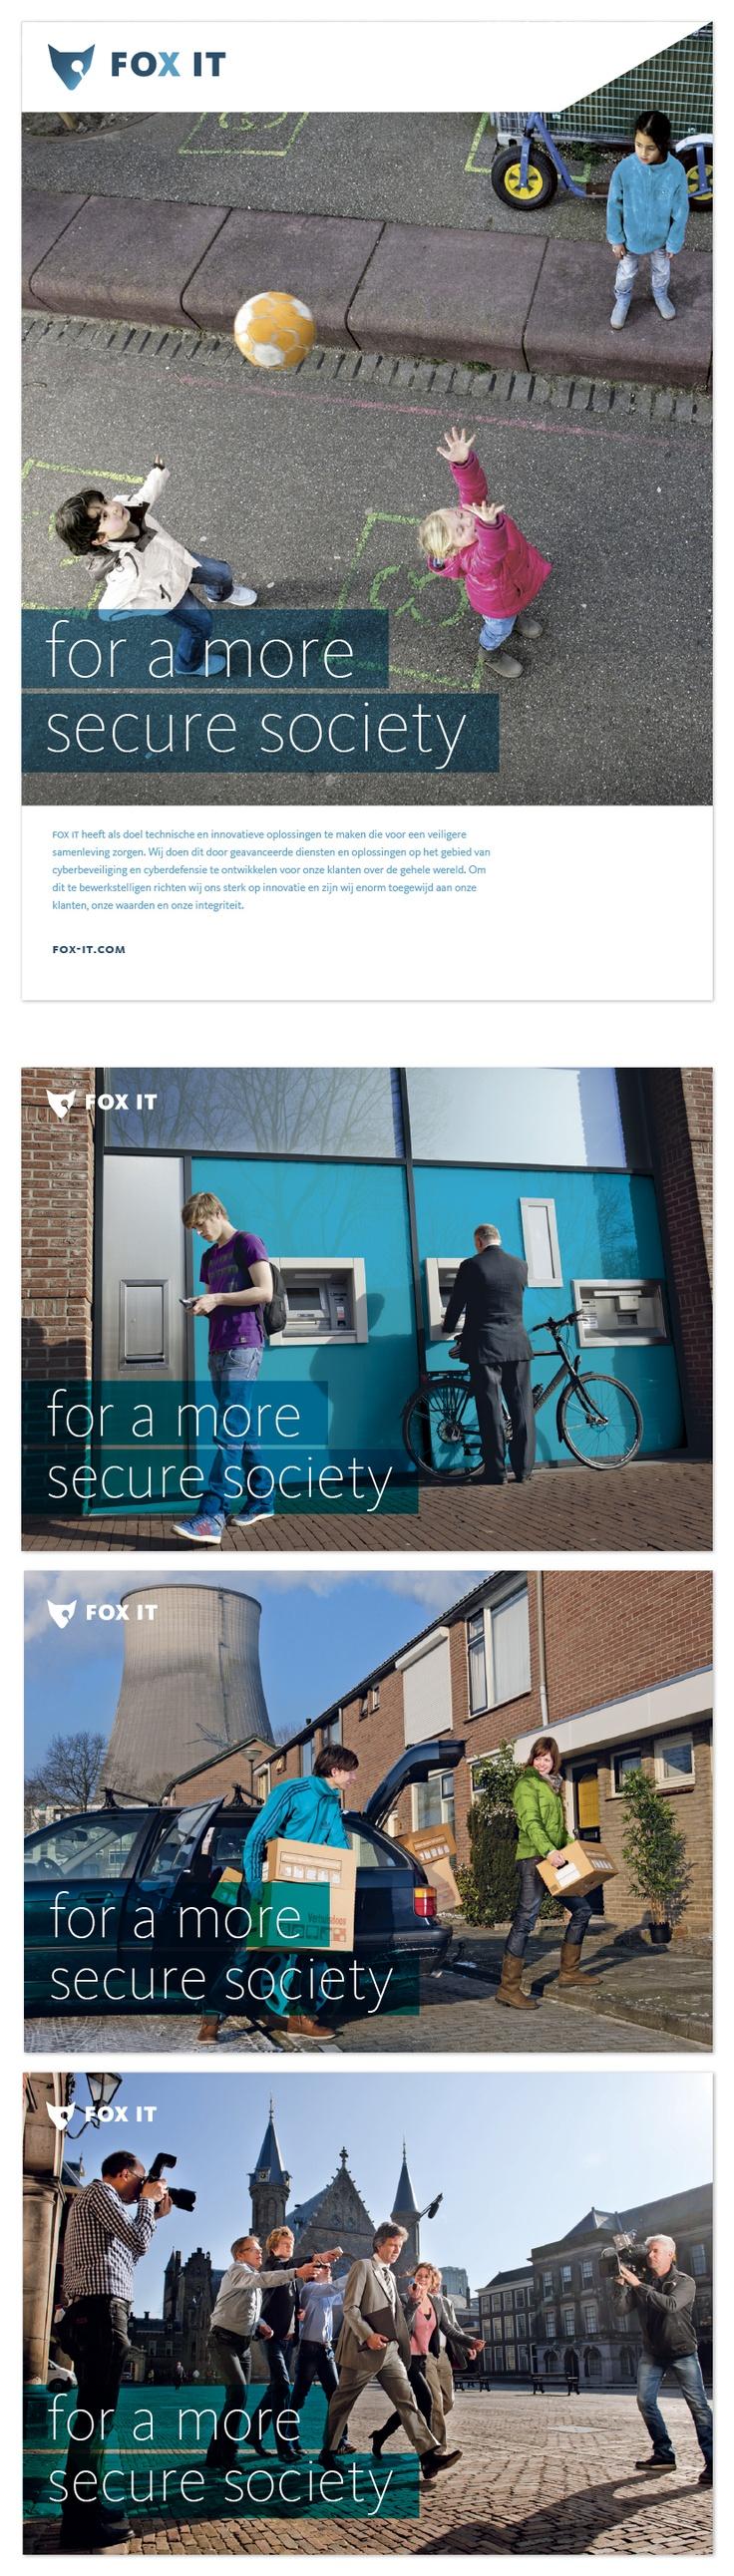 Concept | Positionering | Grafisch Ontwerp |  Fox-IT - communicatieve insteek.  Een nieuwe manier van communiceren verlangt  meer dan alleen een huisstijl.  In de fotografie is het werkveld van Fox-IT in beeld  gebracht. Het werkveld is met de drijfveer, een  veiligere samenleving, gecombineerd waardoor  de lading van het beeld verandert.  Deze foto's worden gebruikt voor corporate uitingen  zoals corporate advertentie, beursmateriaal, website  en brochure.